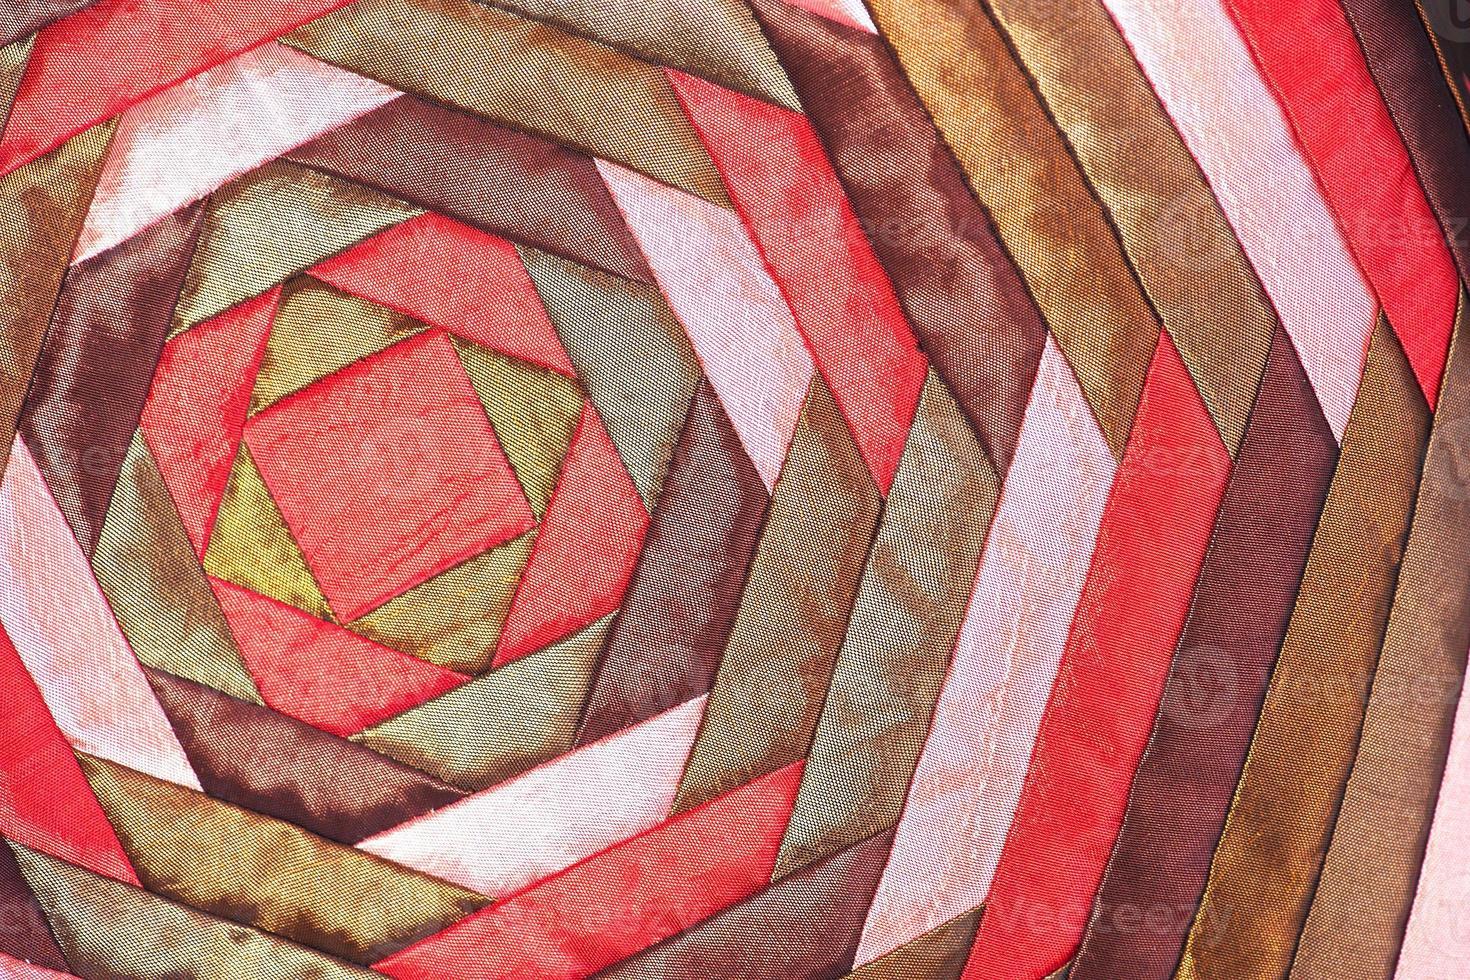 Surface de tapis de style péruvien en soie thaïlandaise colorée close up photo